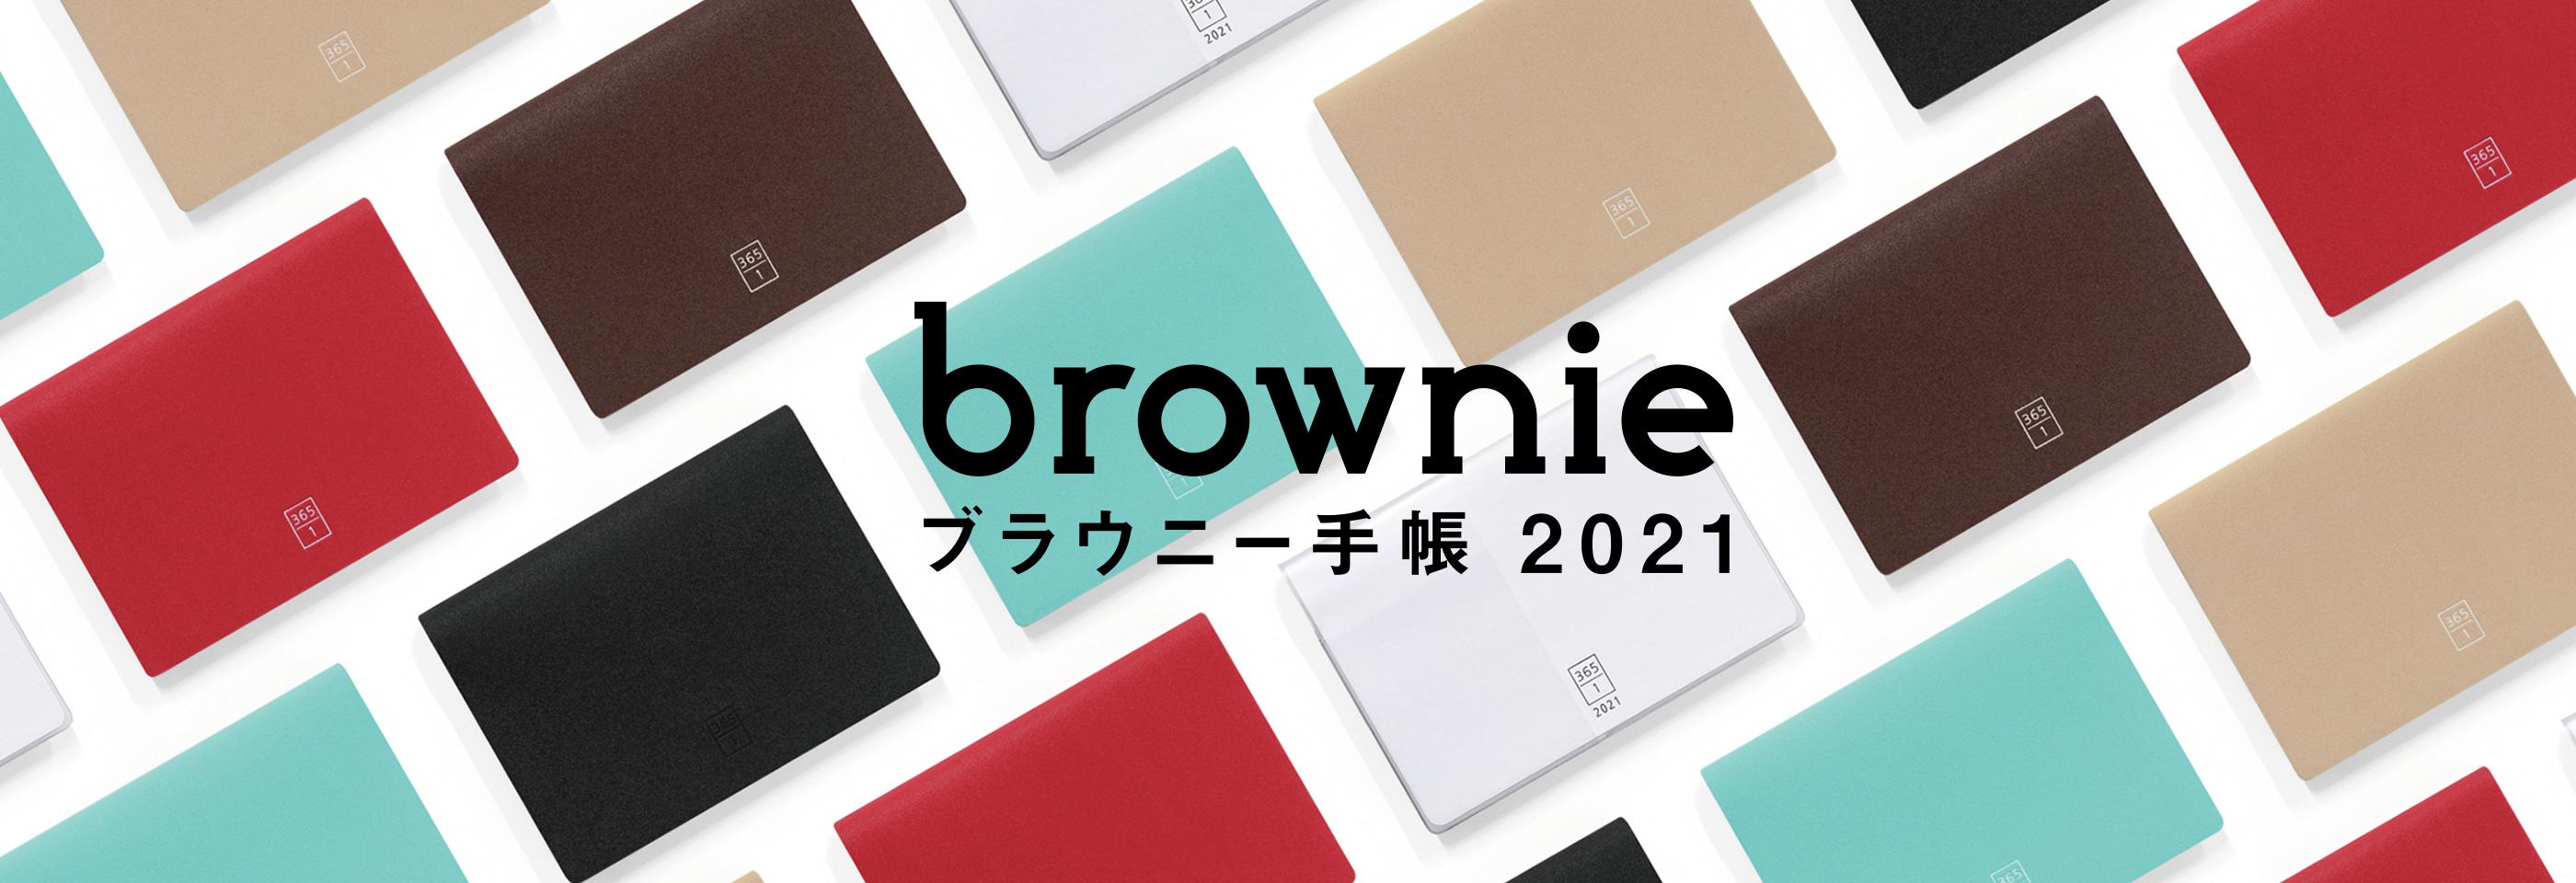 ブラウニー手帳 2021